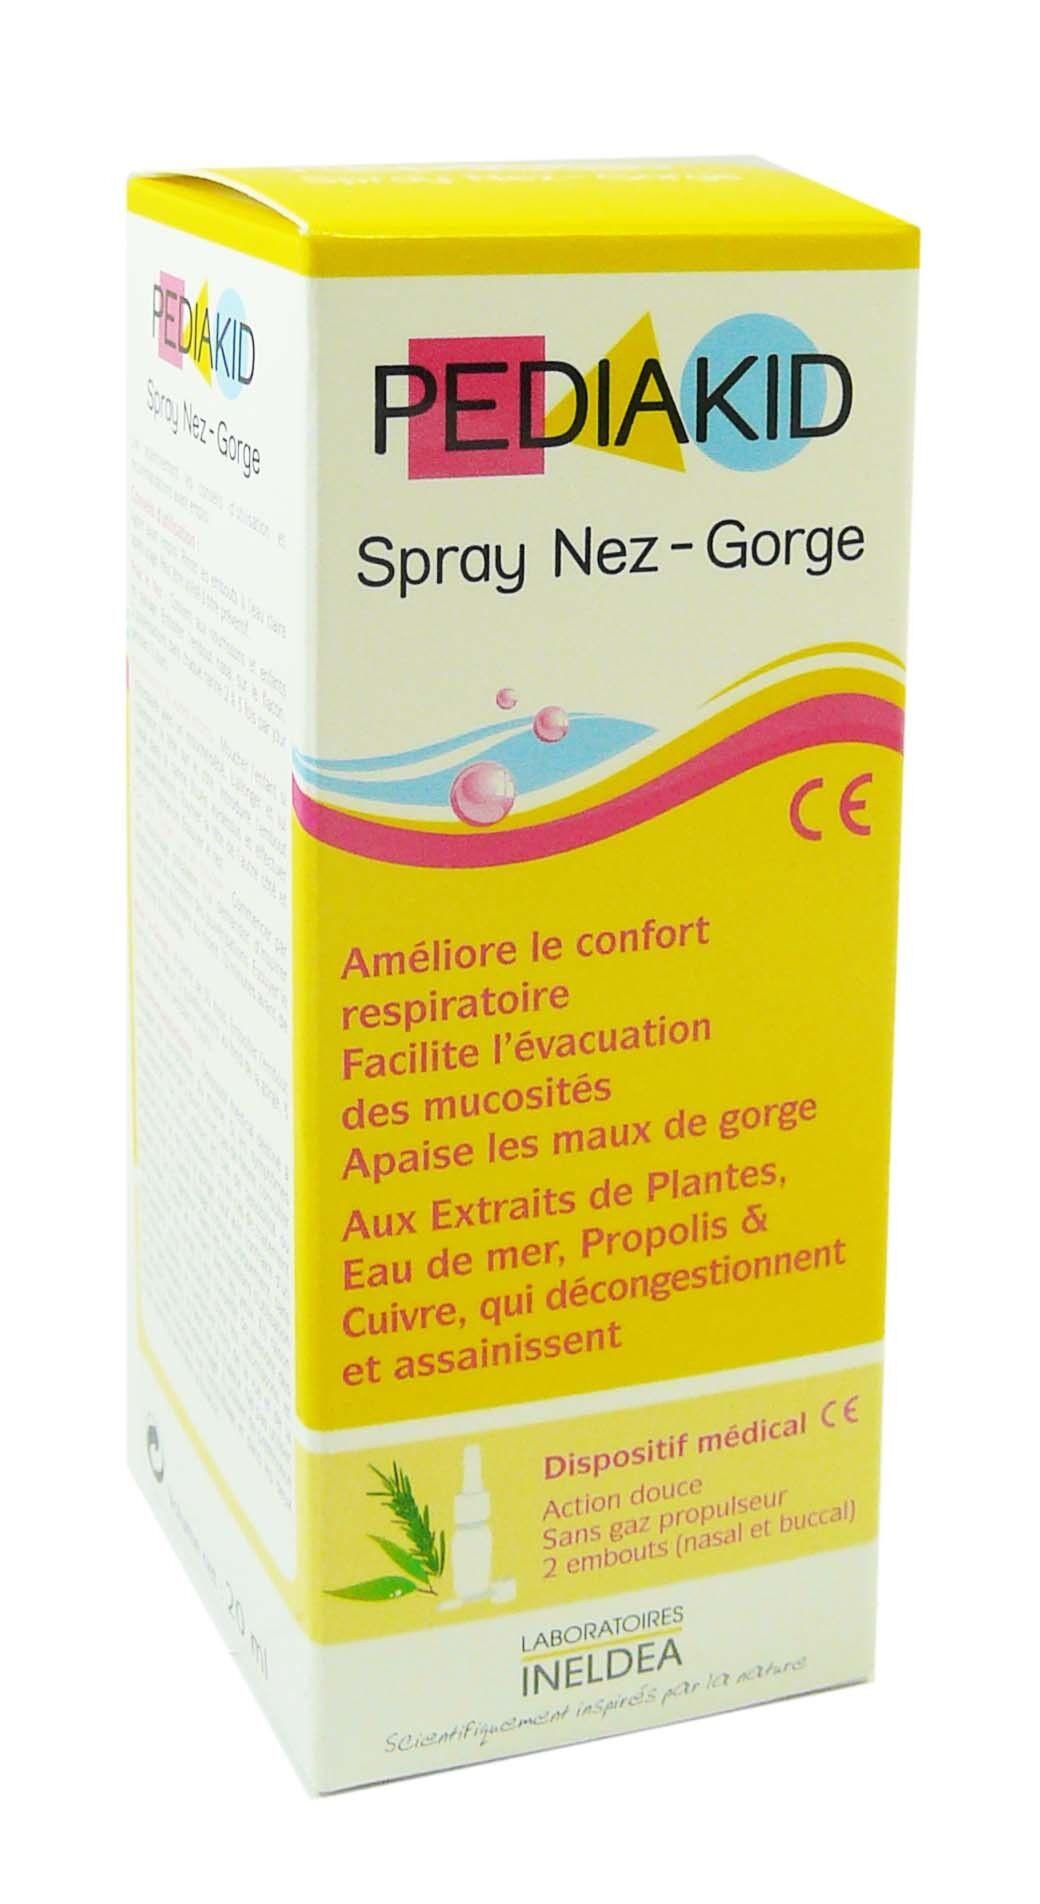 Pediakid spray nez-gorge 20ml